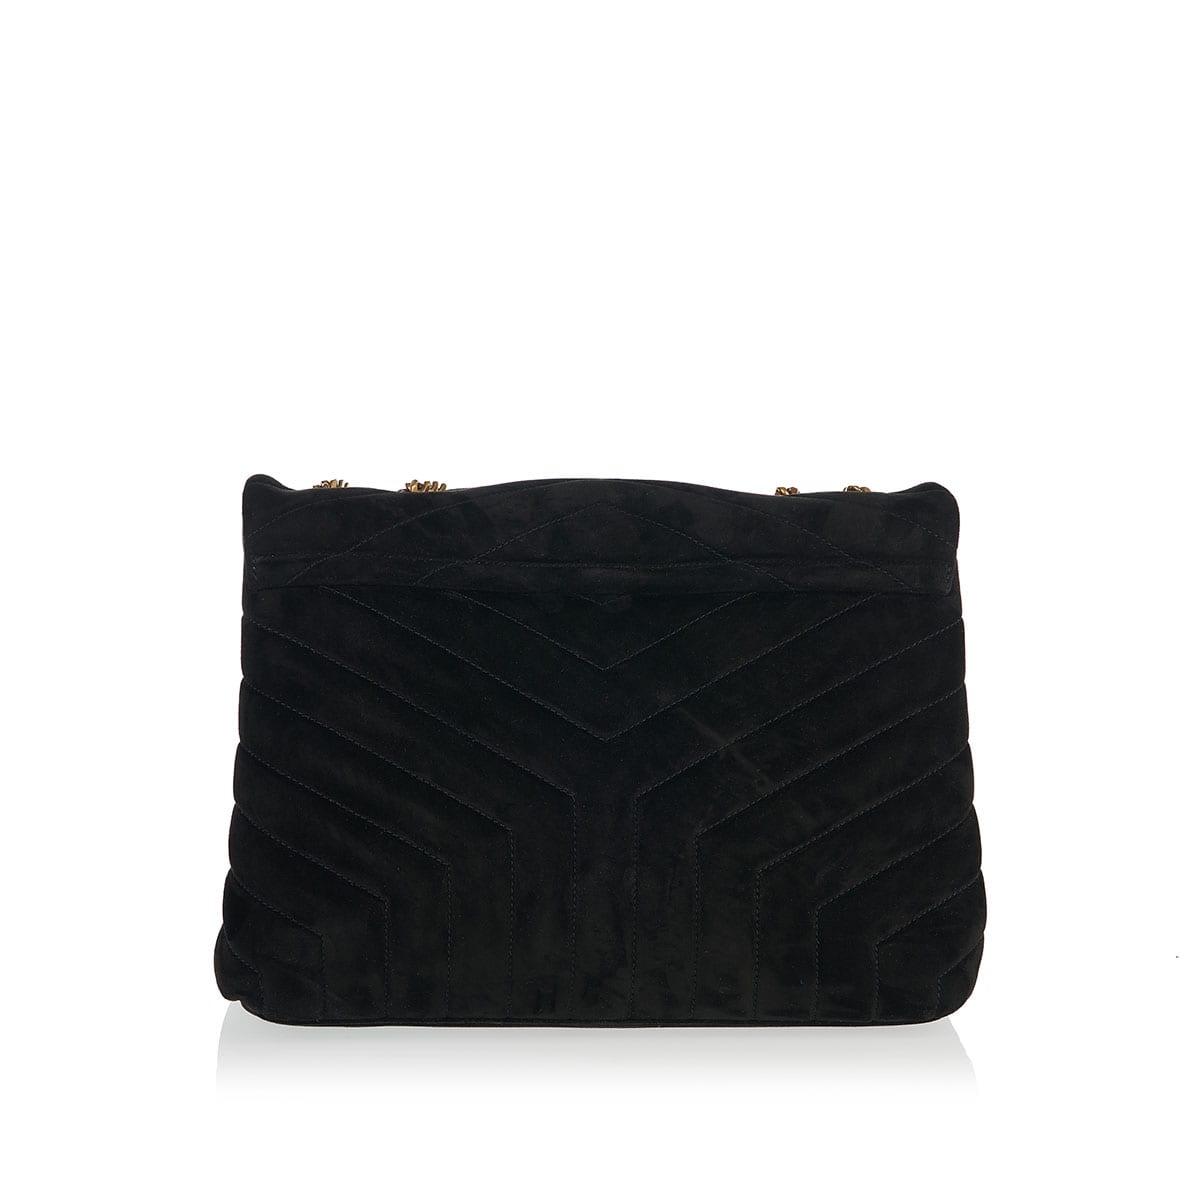 Loulou medium suede bag